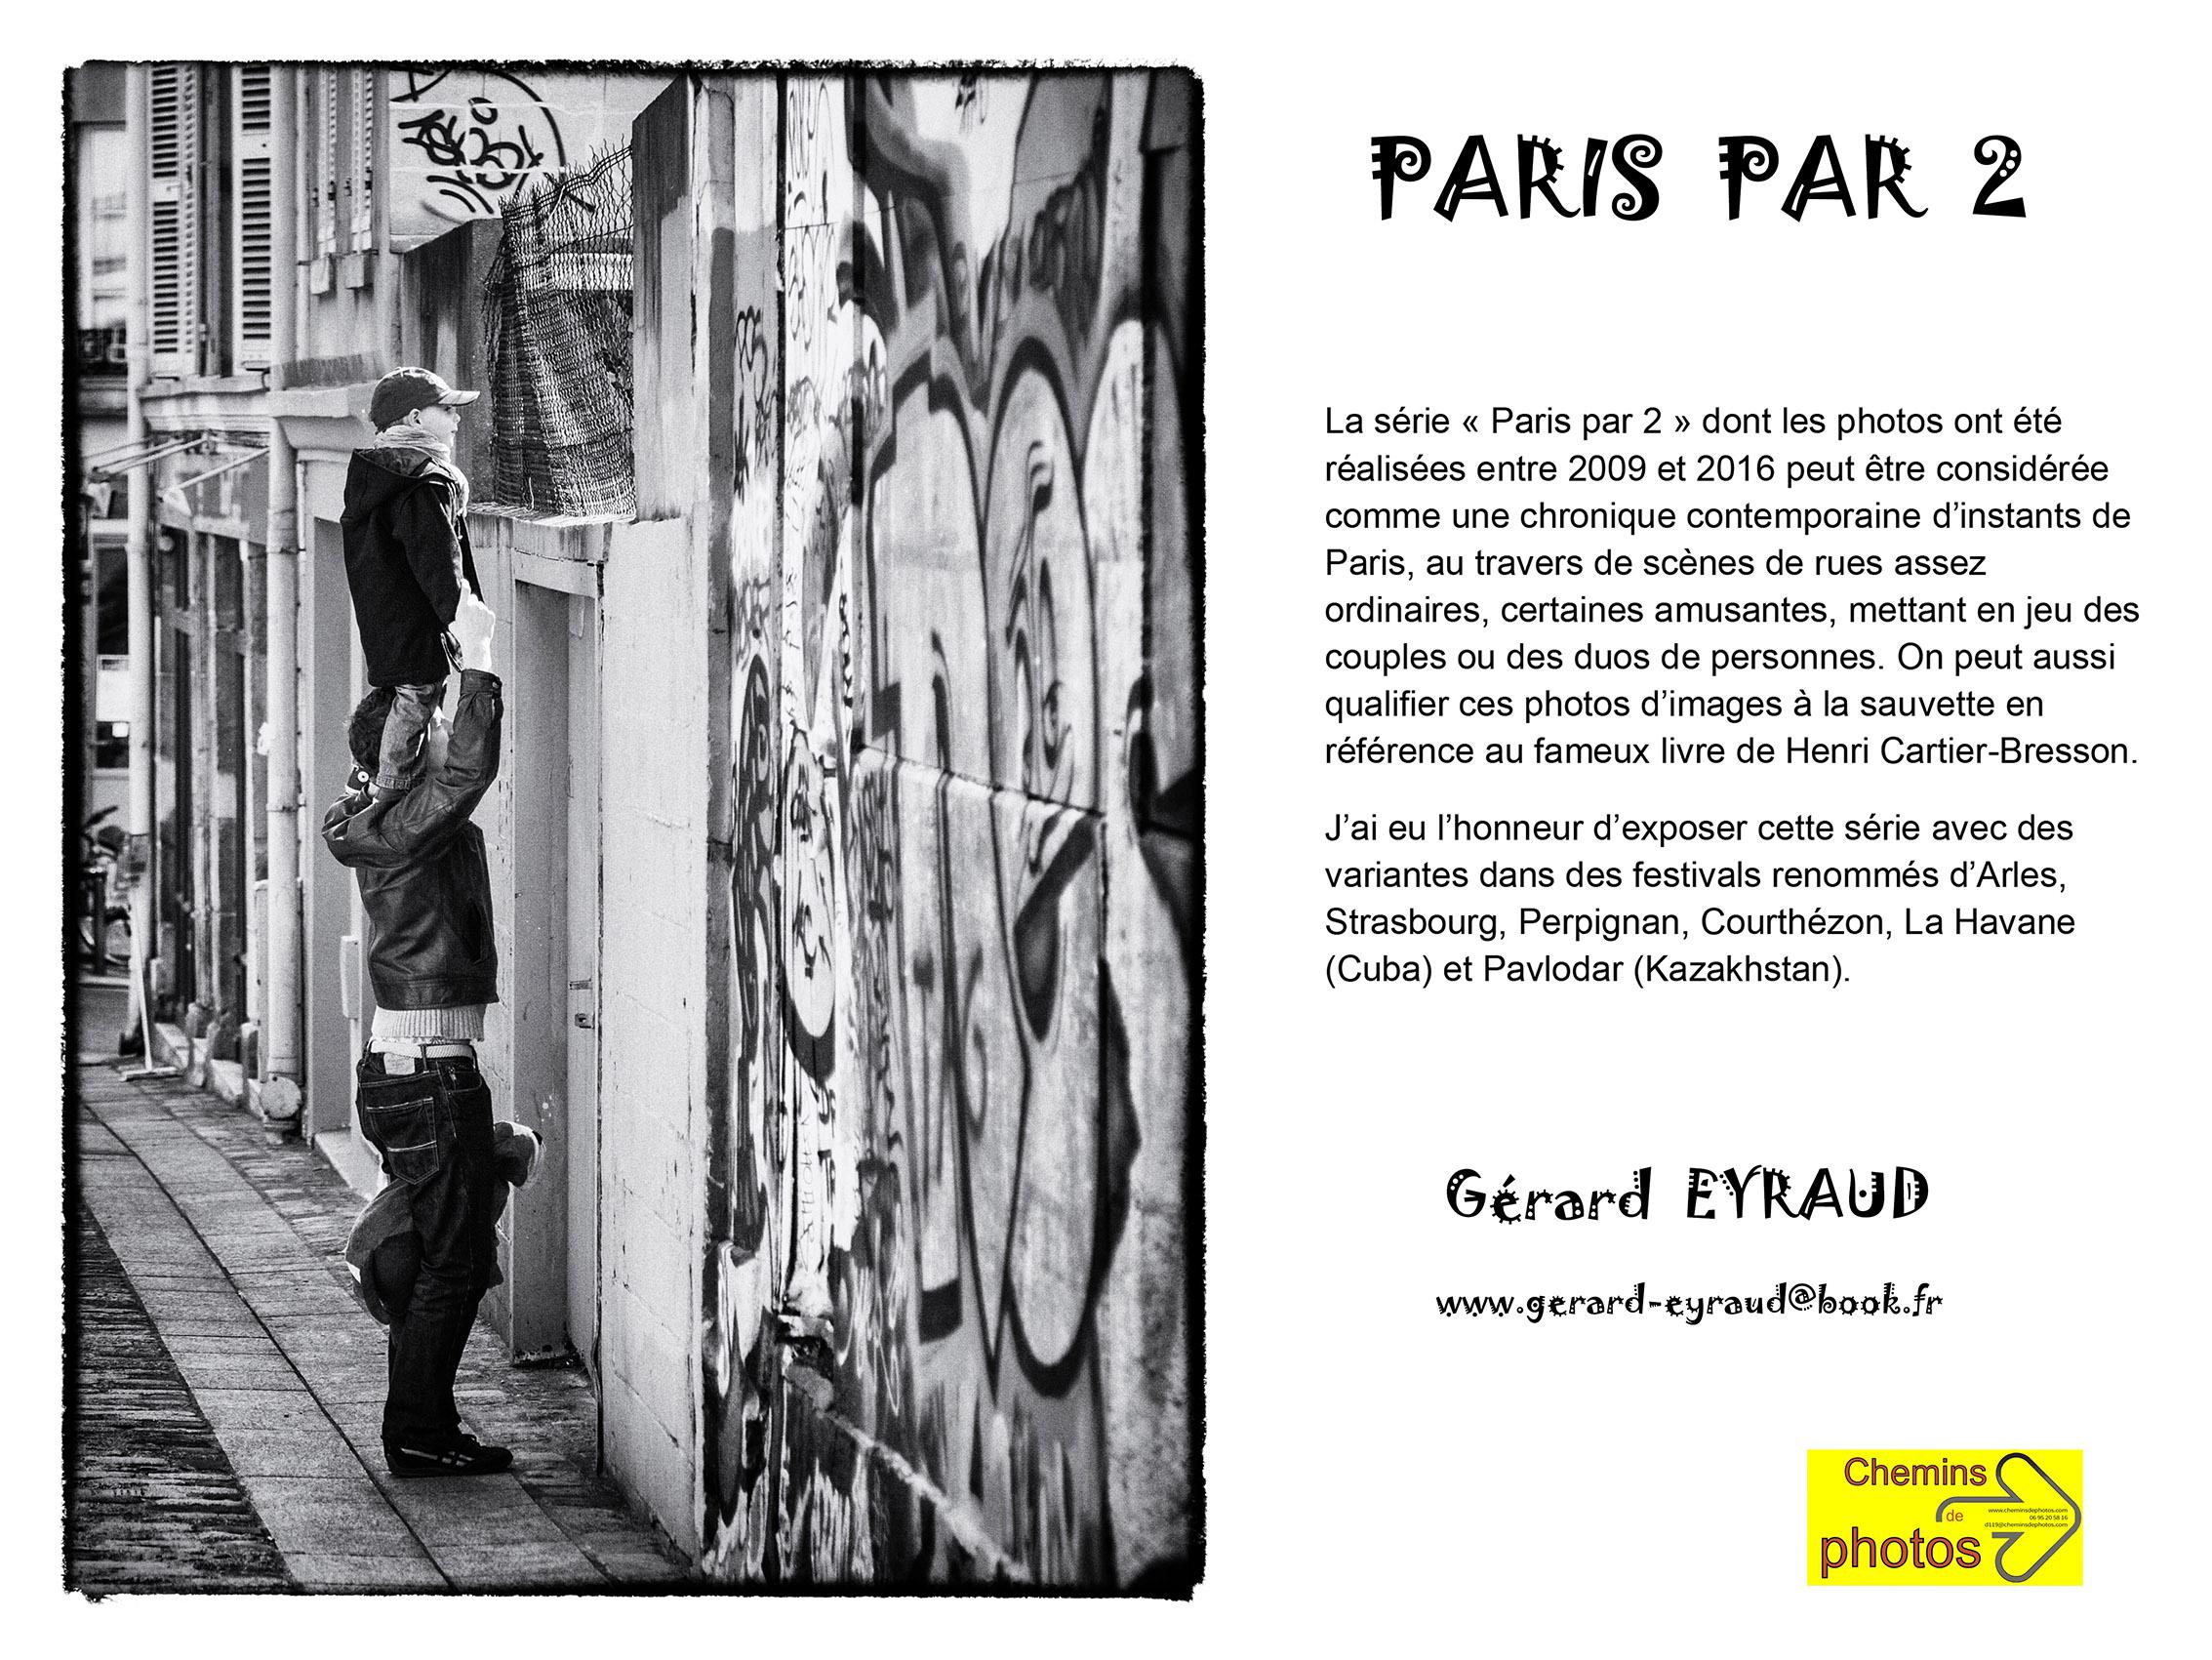 Paris par 2 -  Gérard Eyraud à Arzens, cave de la Malepère